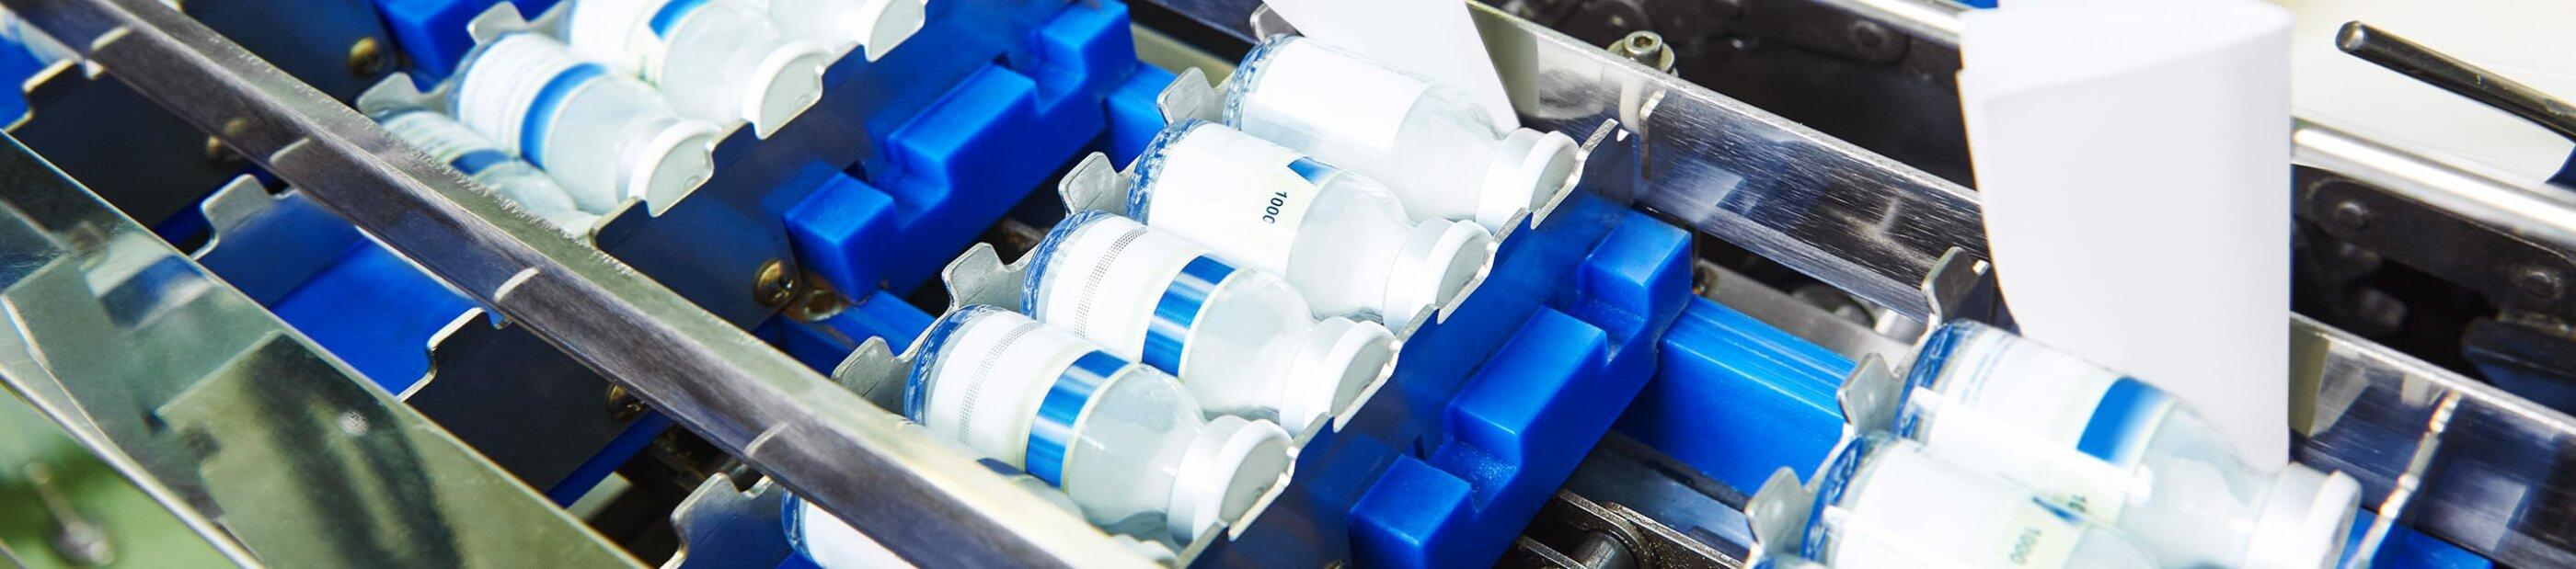 vials at manufacturing facility